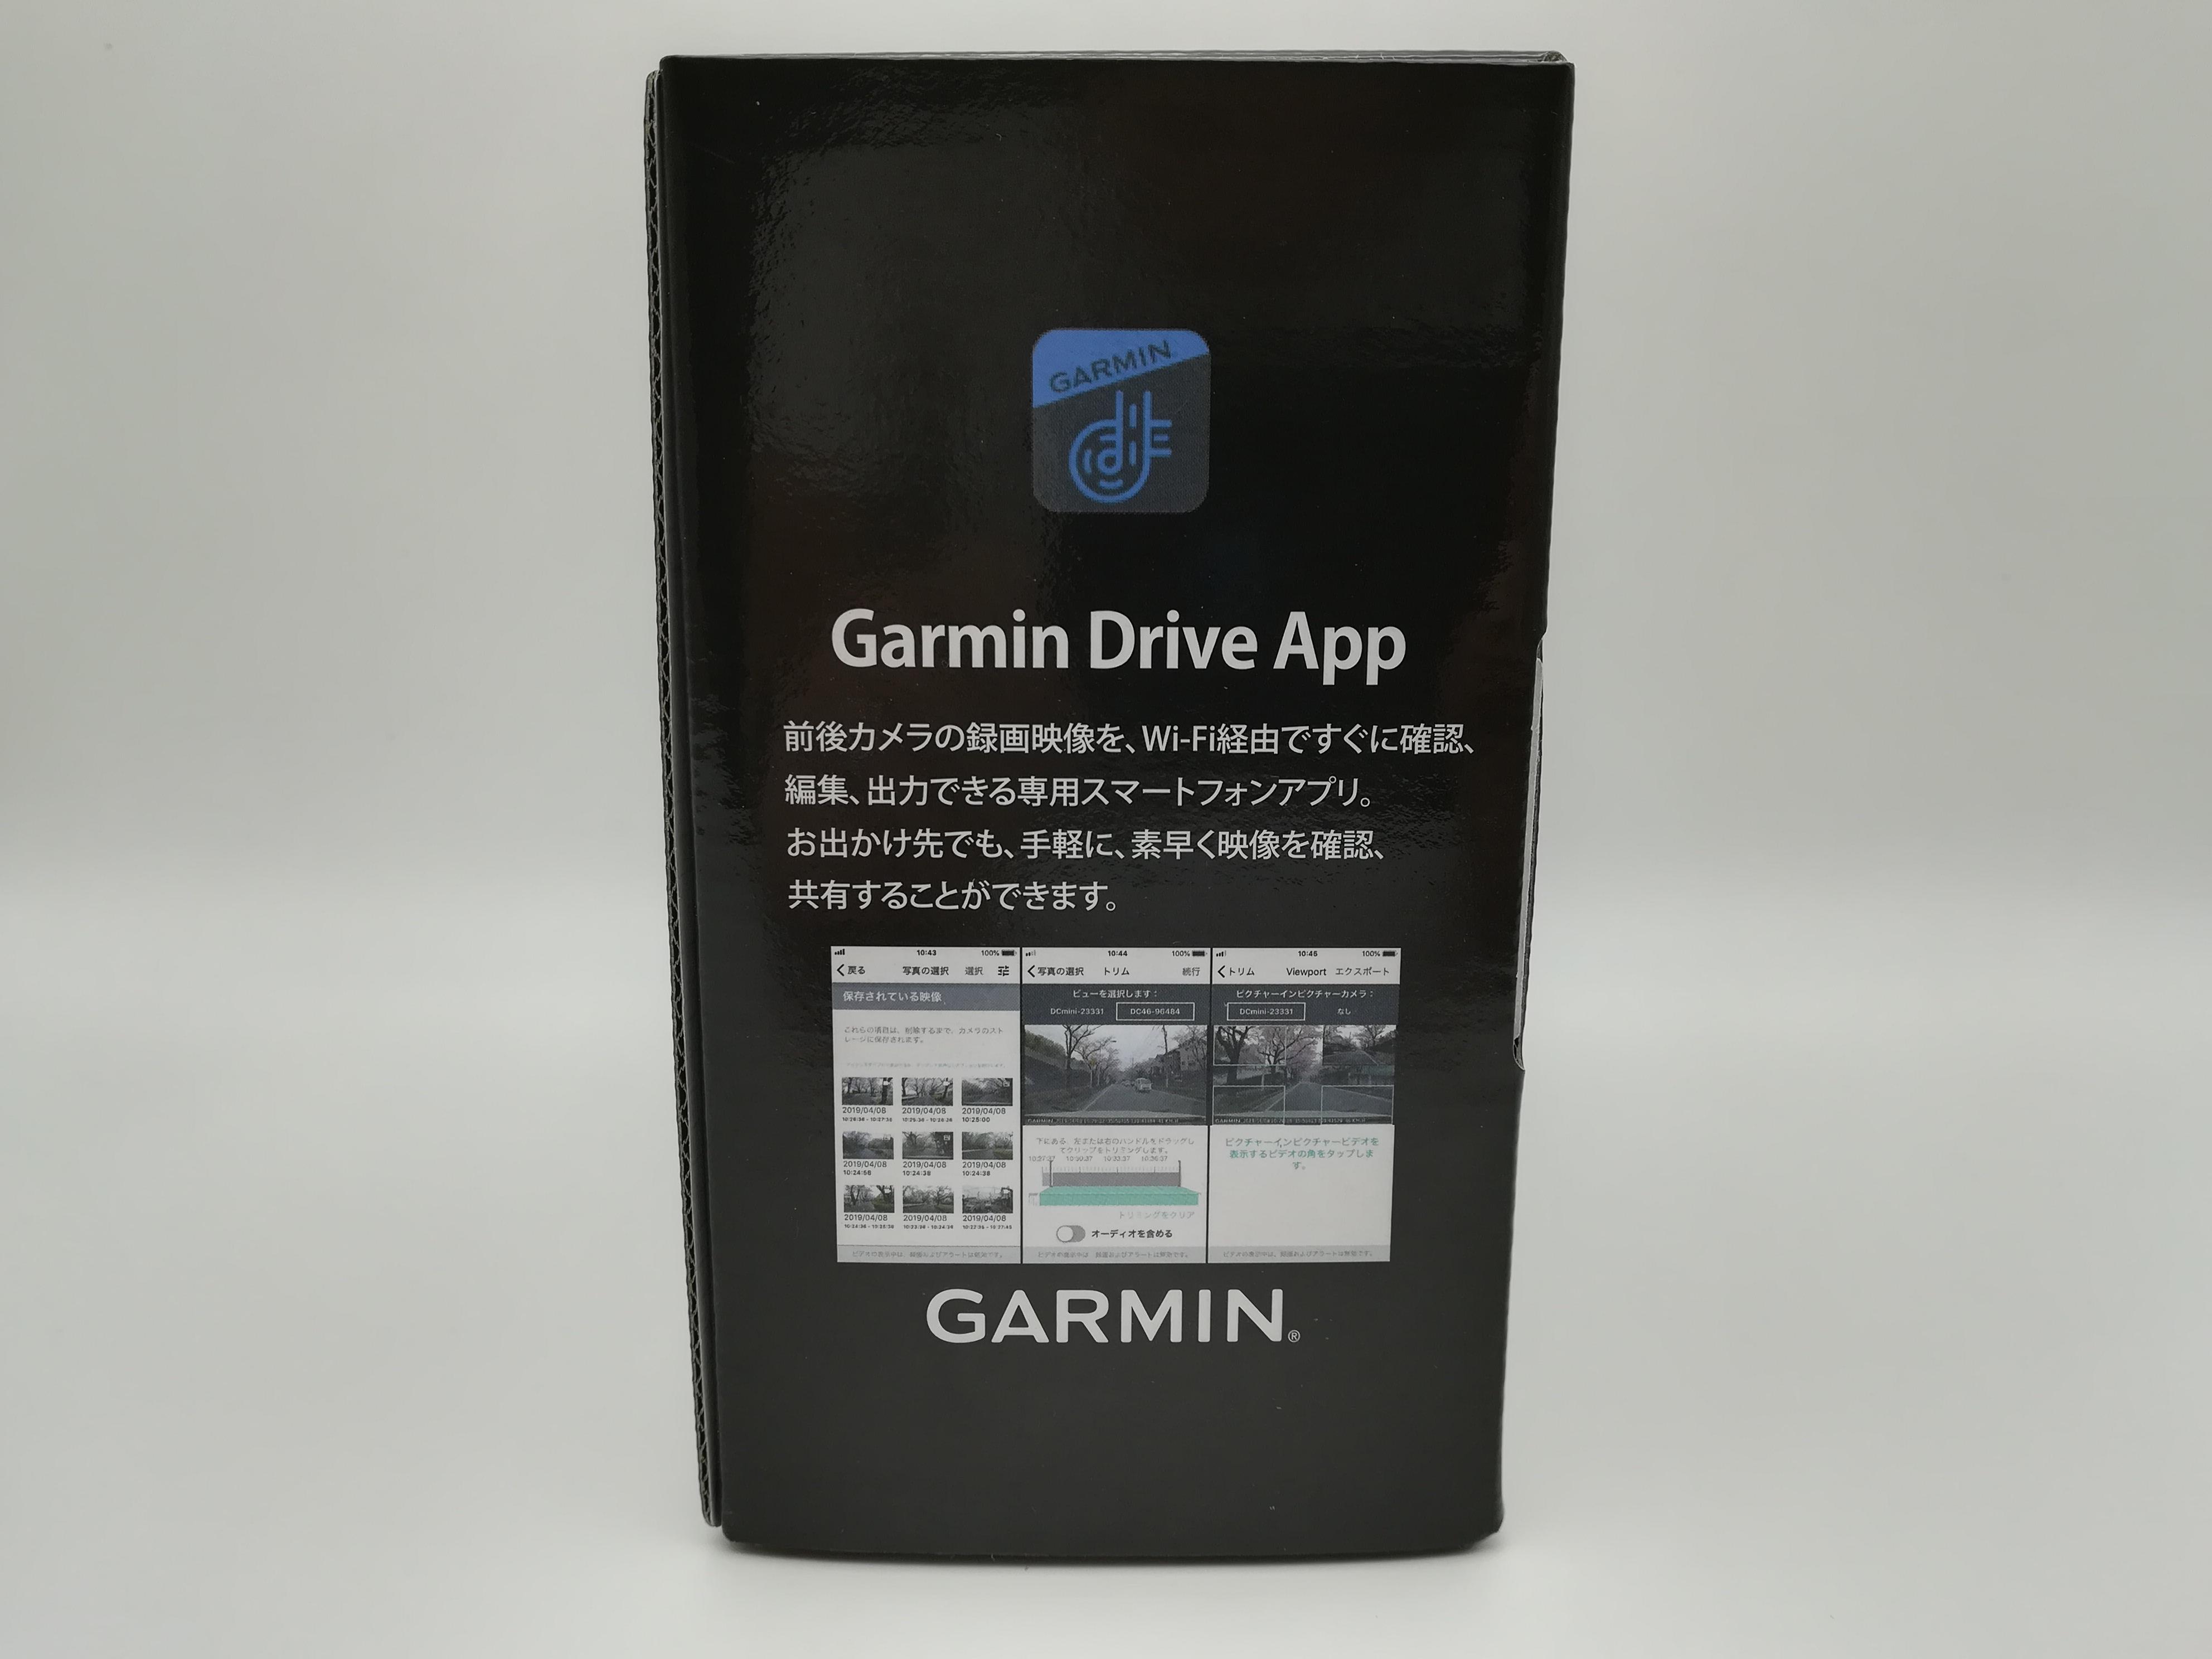 GarminDashCam46Z パッケージ側面